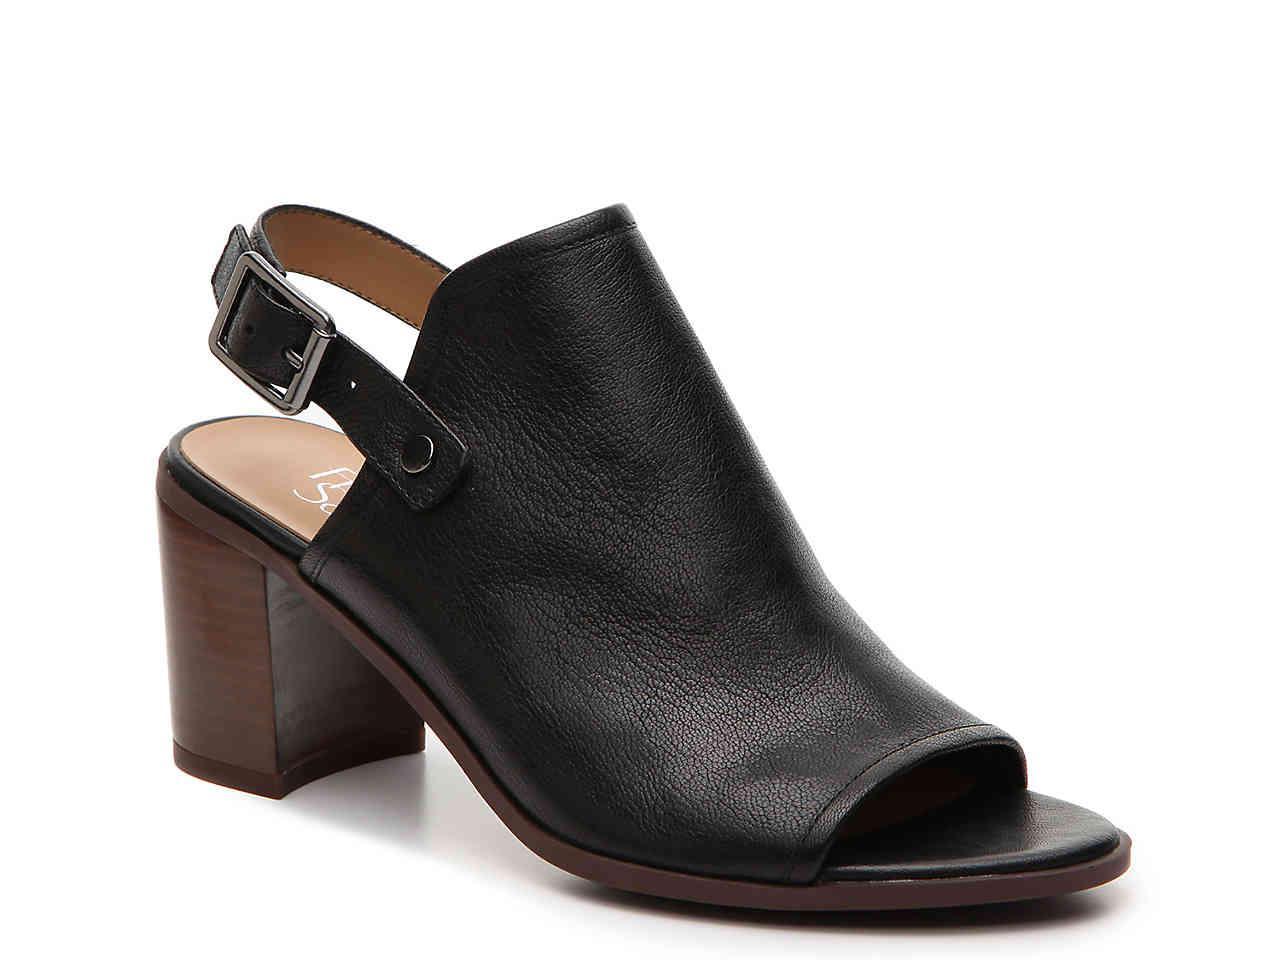 cb7794f768943 Lyst - Franco Sarto Humor Sandal in Black